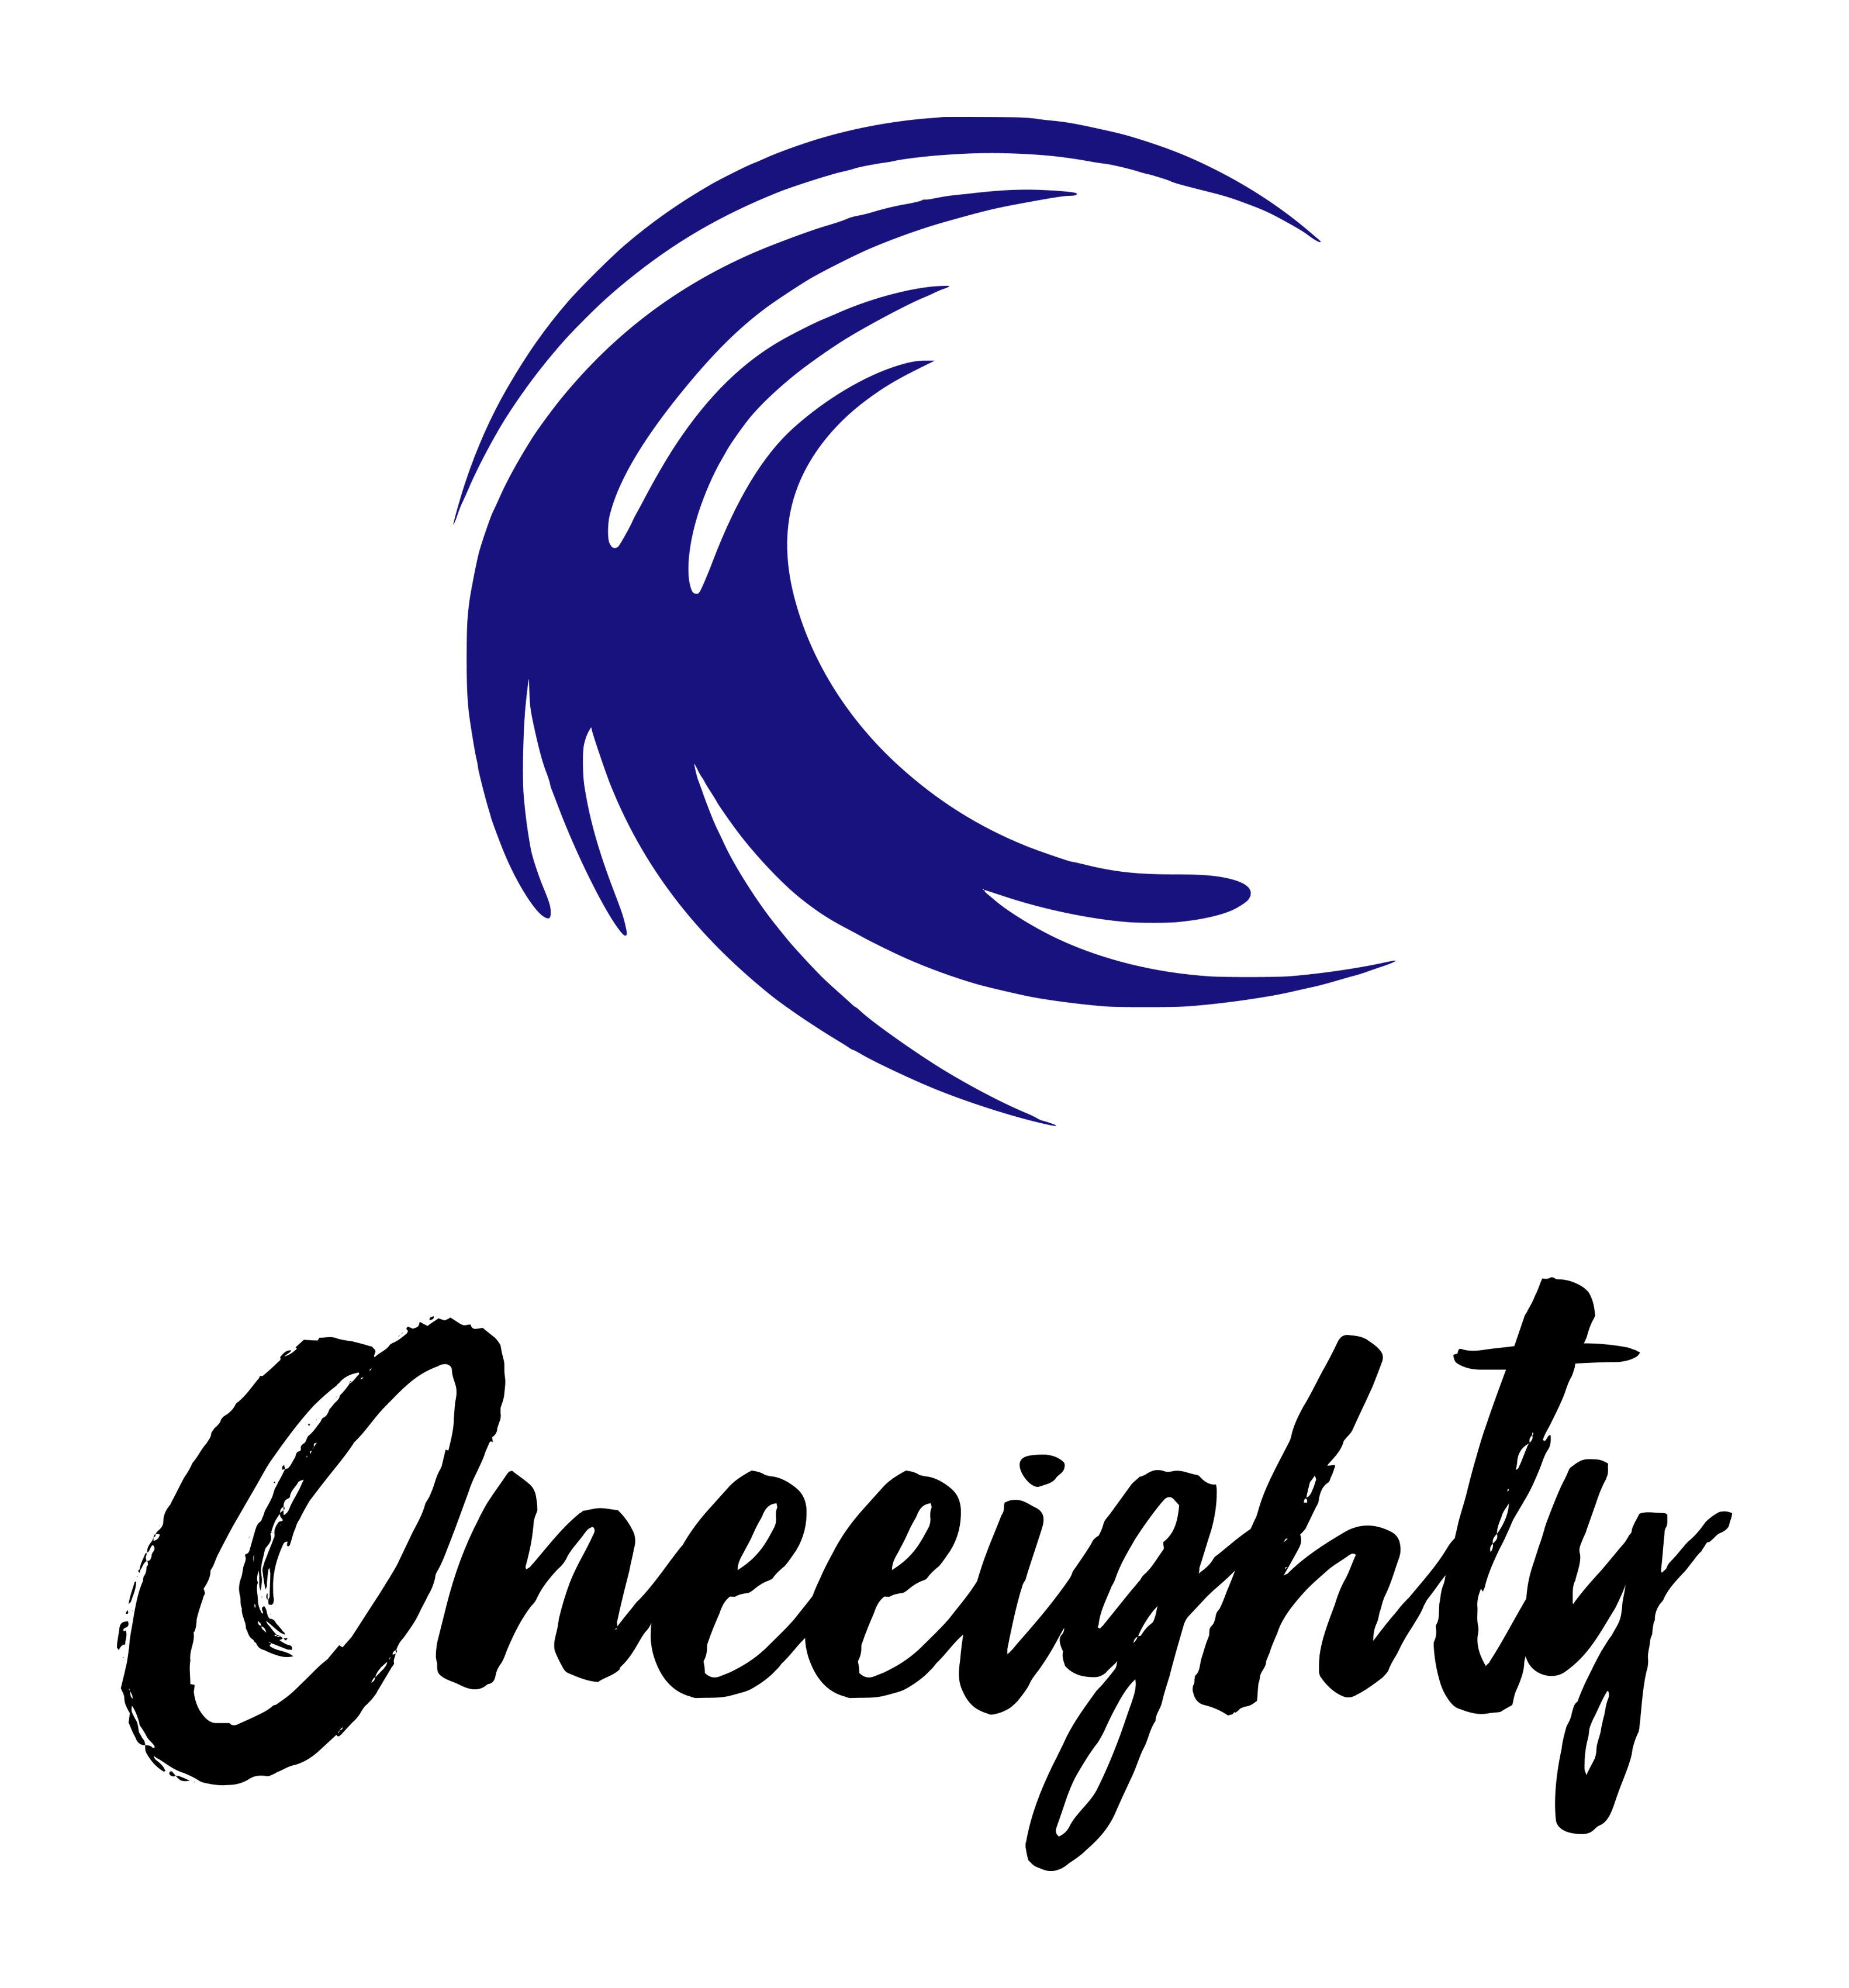 Oneeigthy